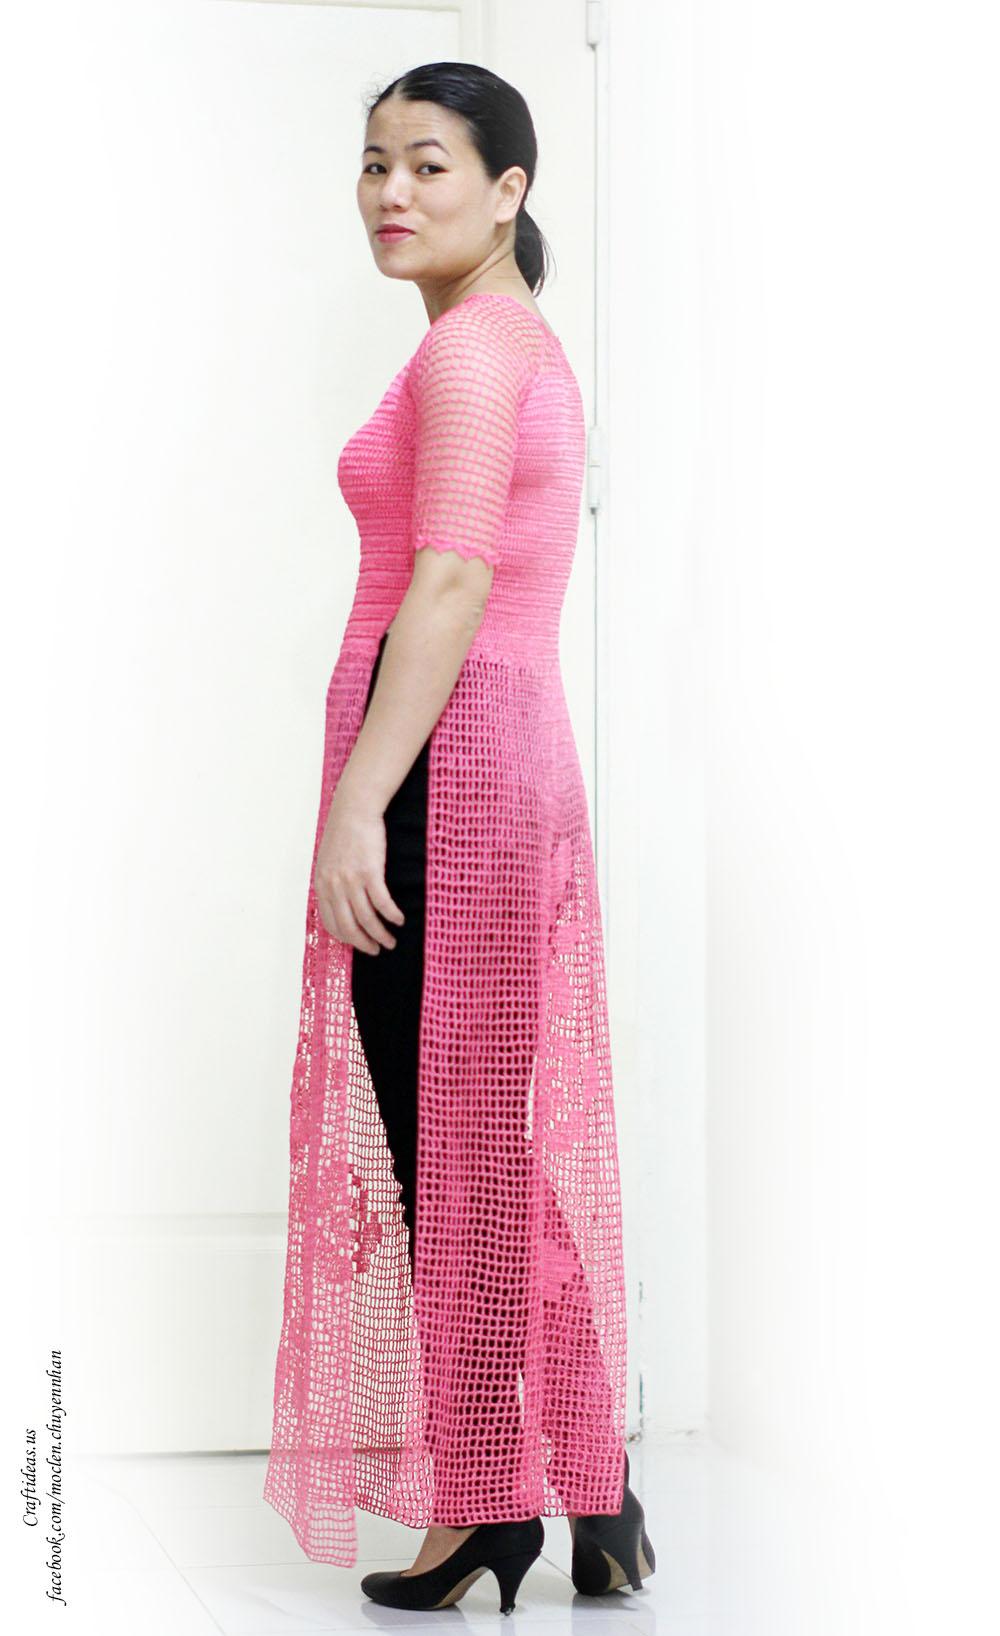 Crochet lace dress for women